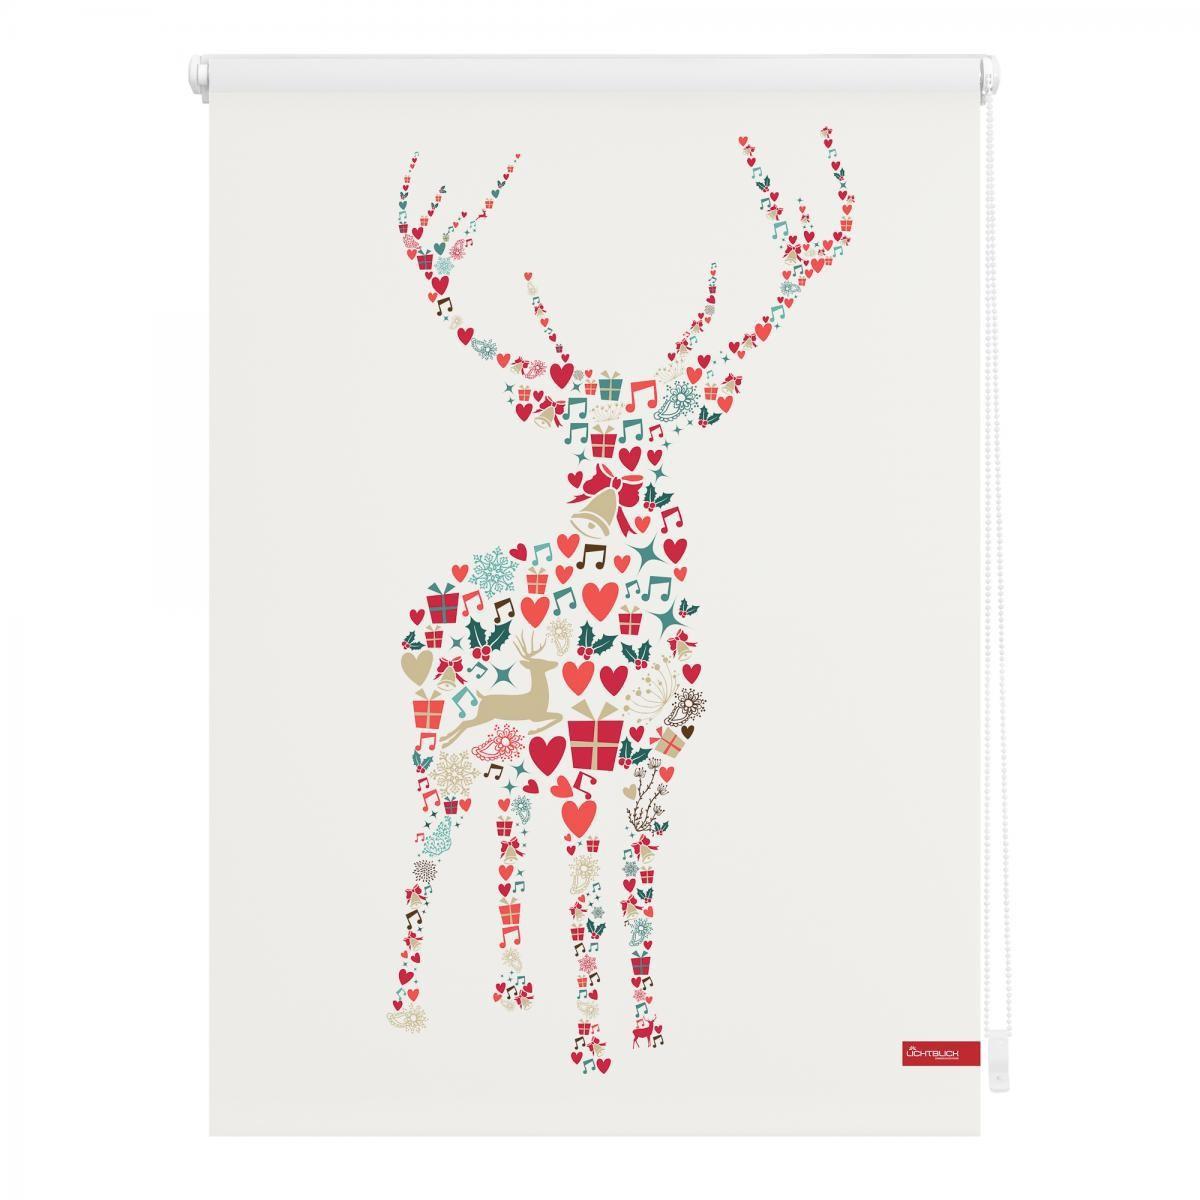 Bild 1 von Lichtblick Rollo Klemmfix, ohne Bohren, blickdicht, Rentier Weihnachten - Bunt, 120 x 150 cm (B x L)